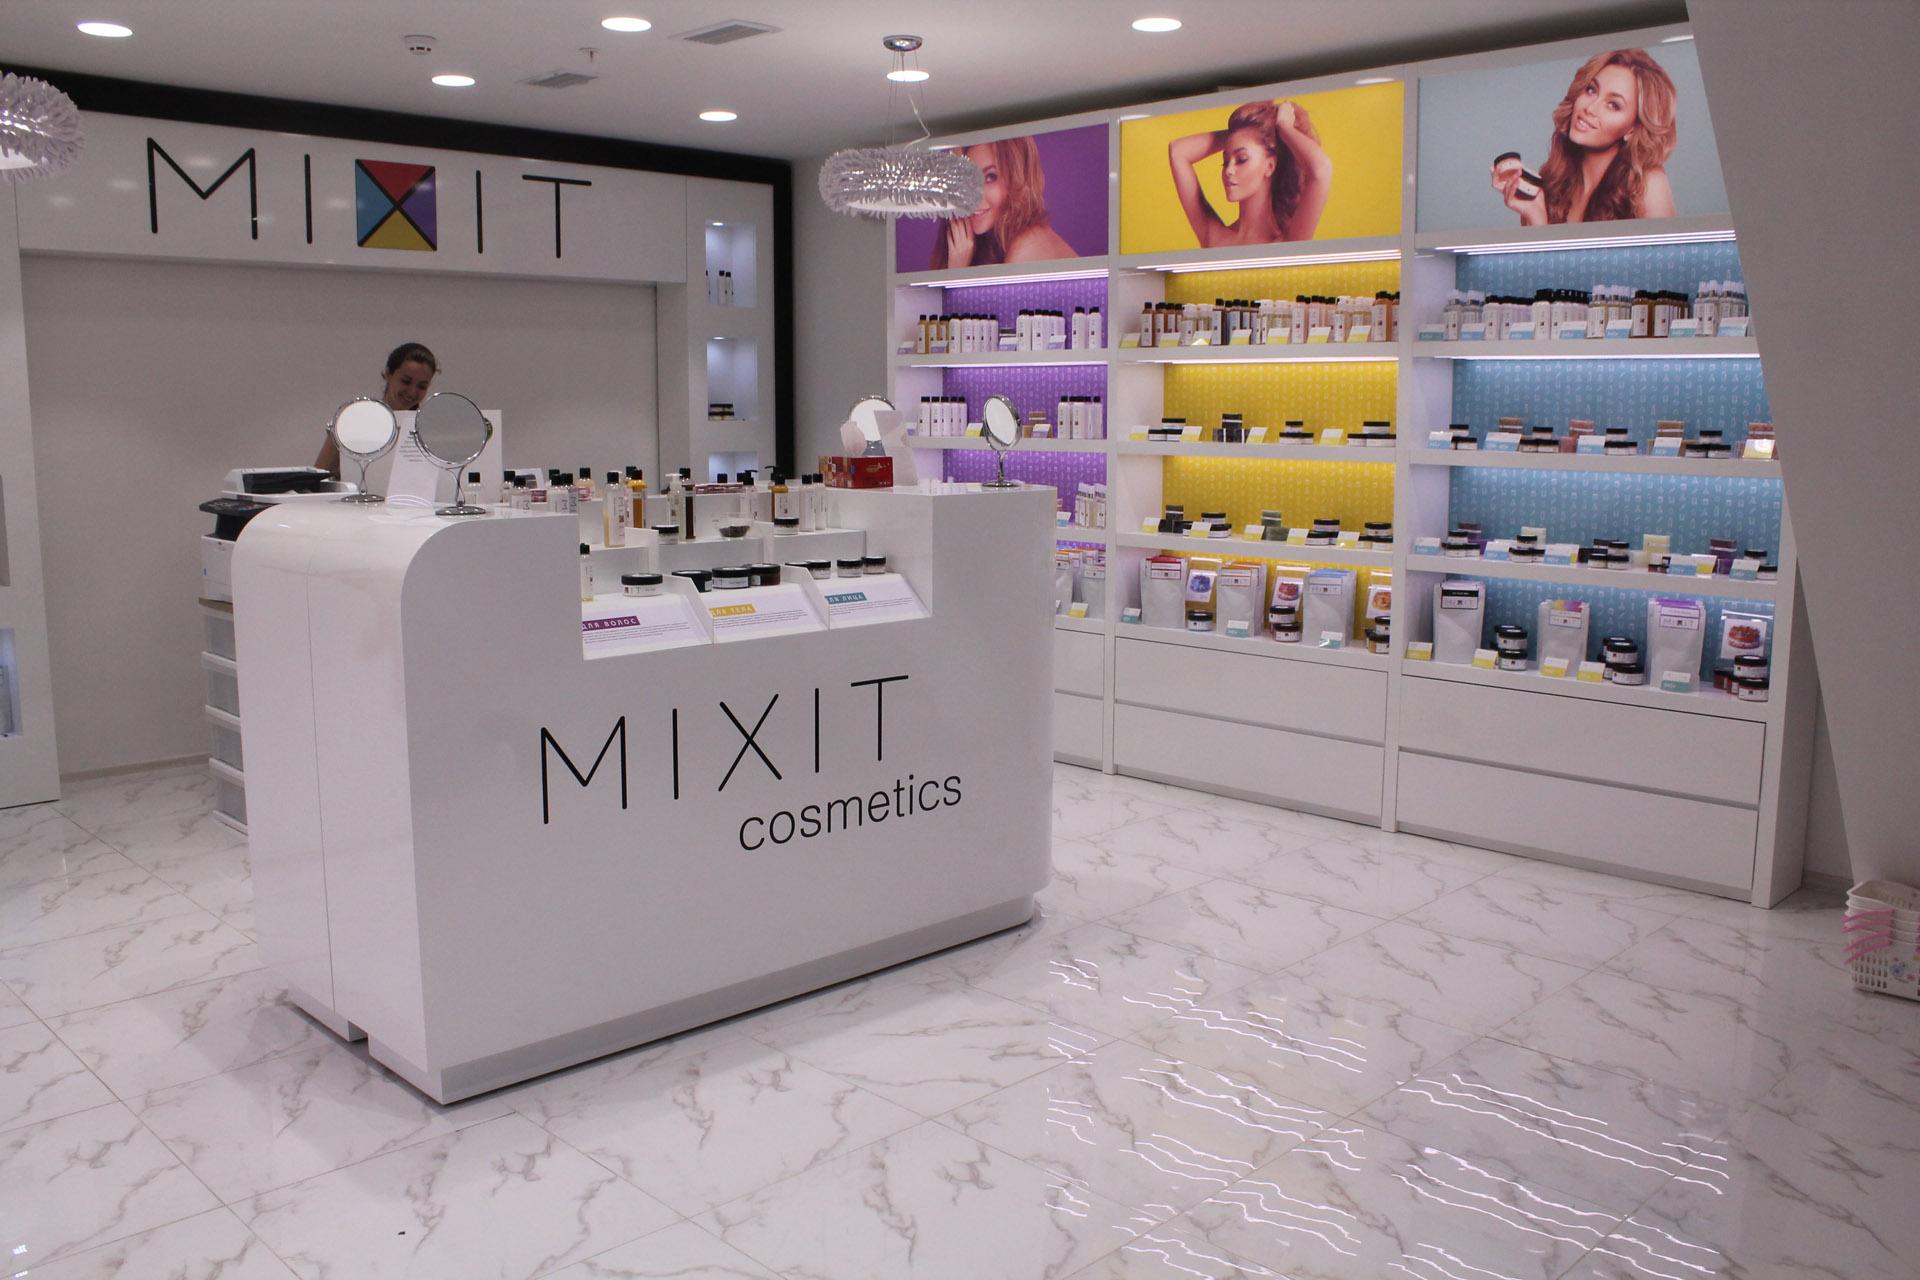 Косметика михит купить официальный где в москве купить косметику из израиля